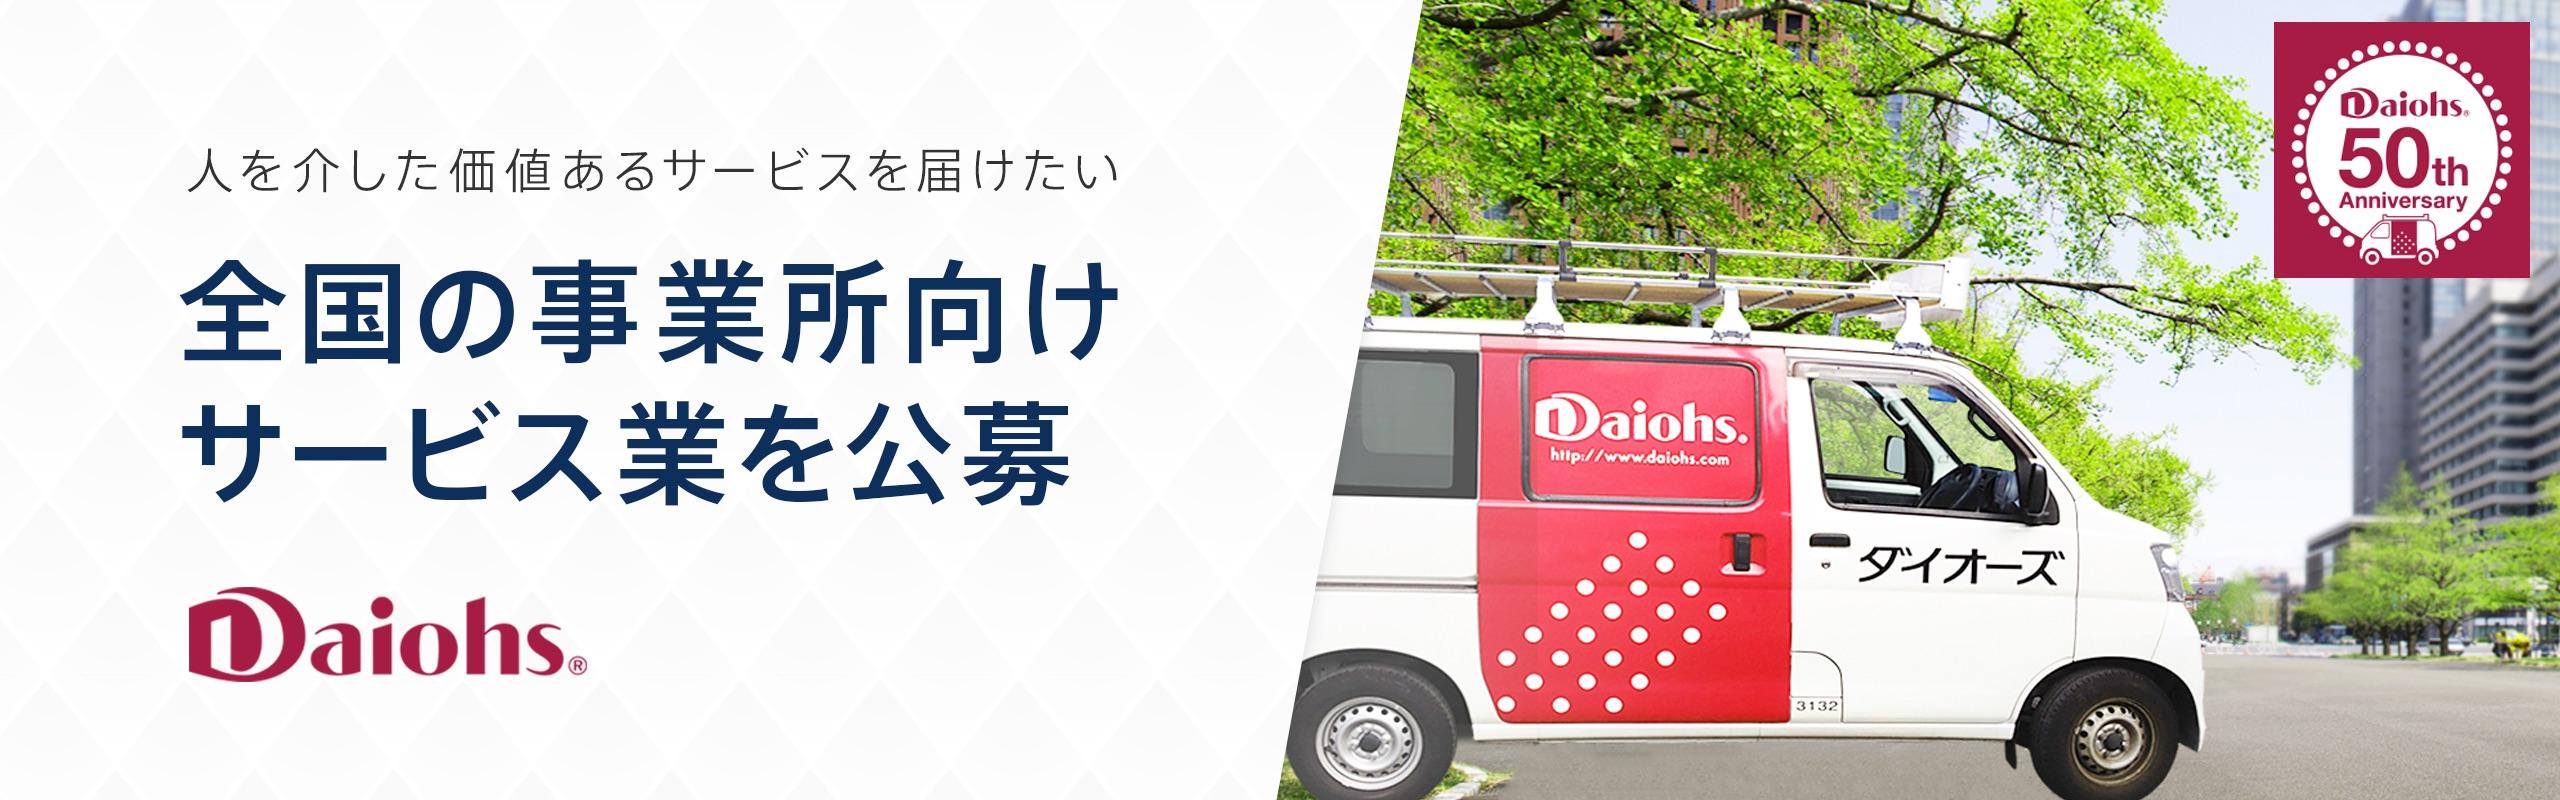 人を介した価値あるサービスを届けたい 全国の事業所向けサービス業を公募 Daiohs